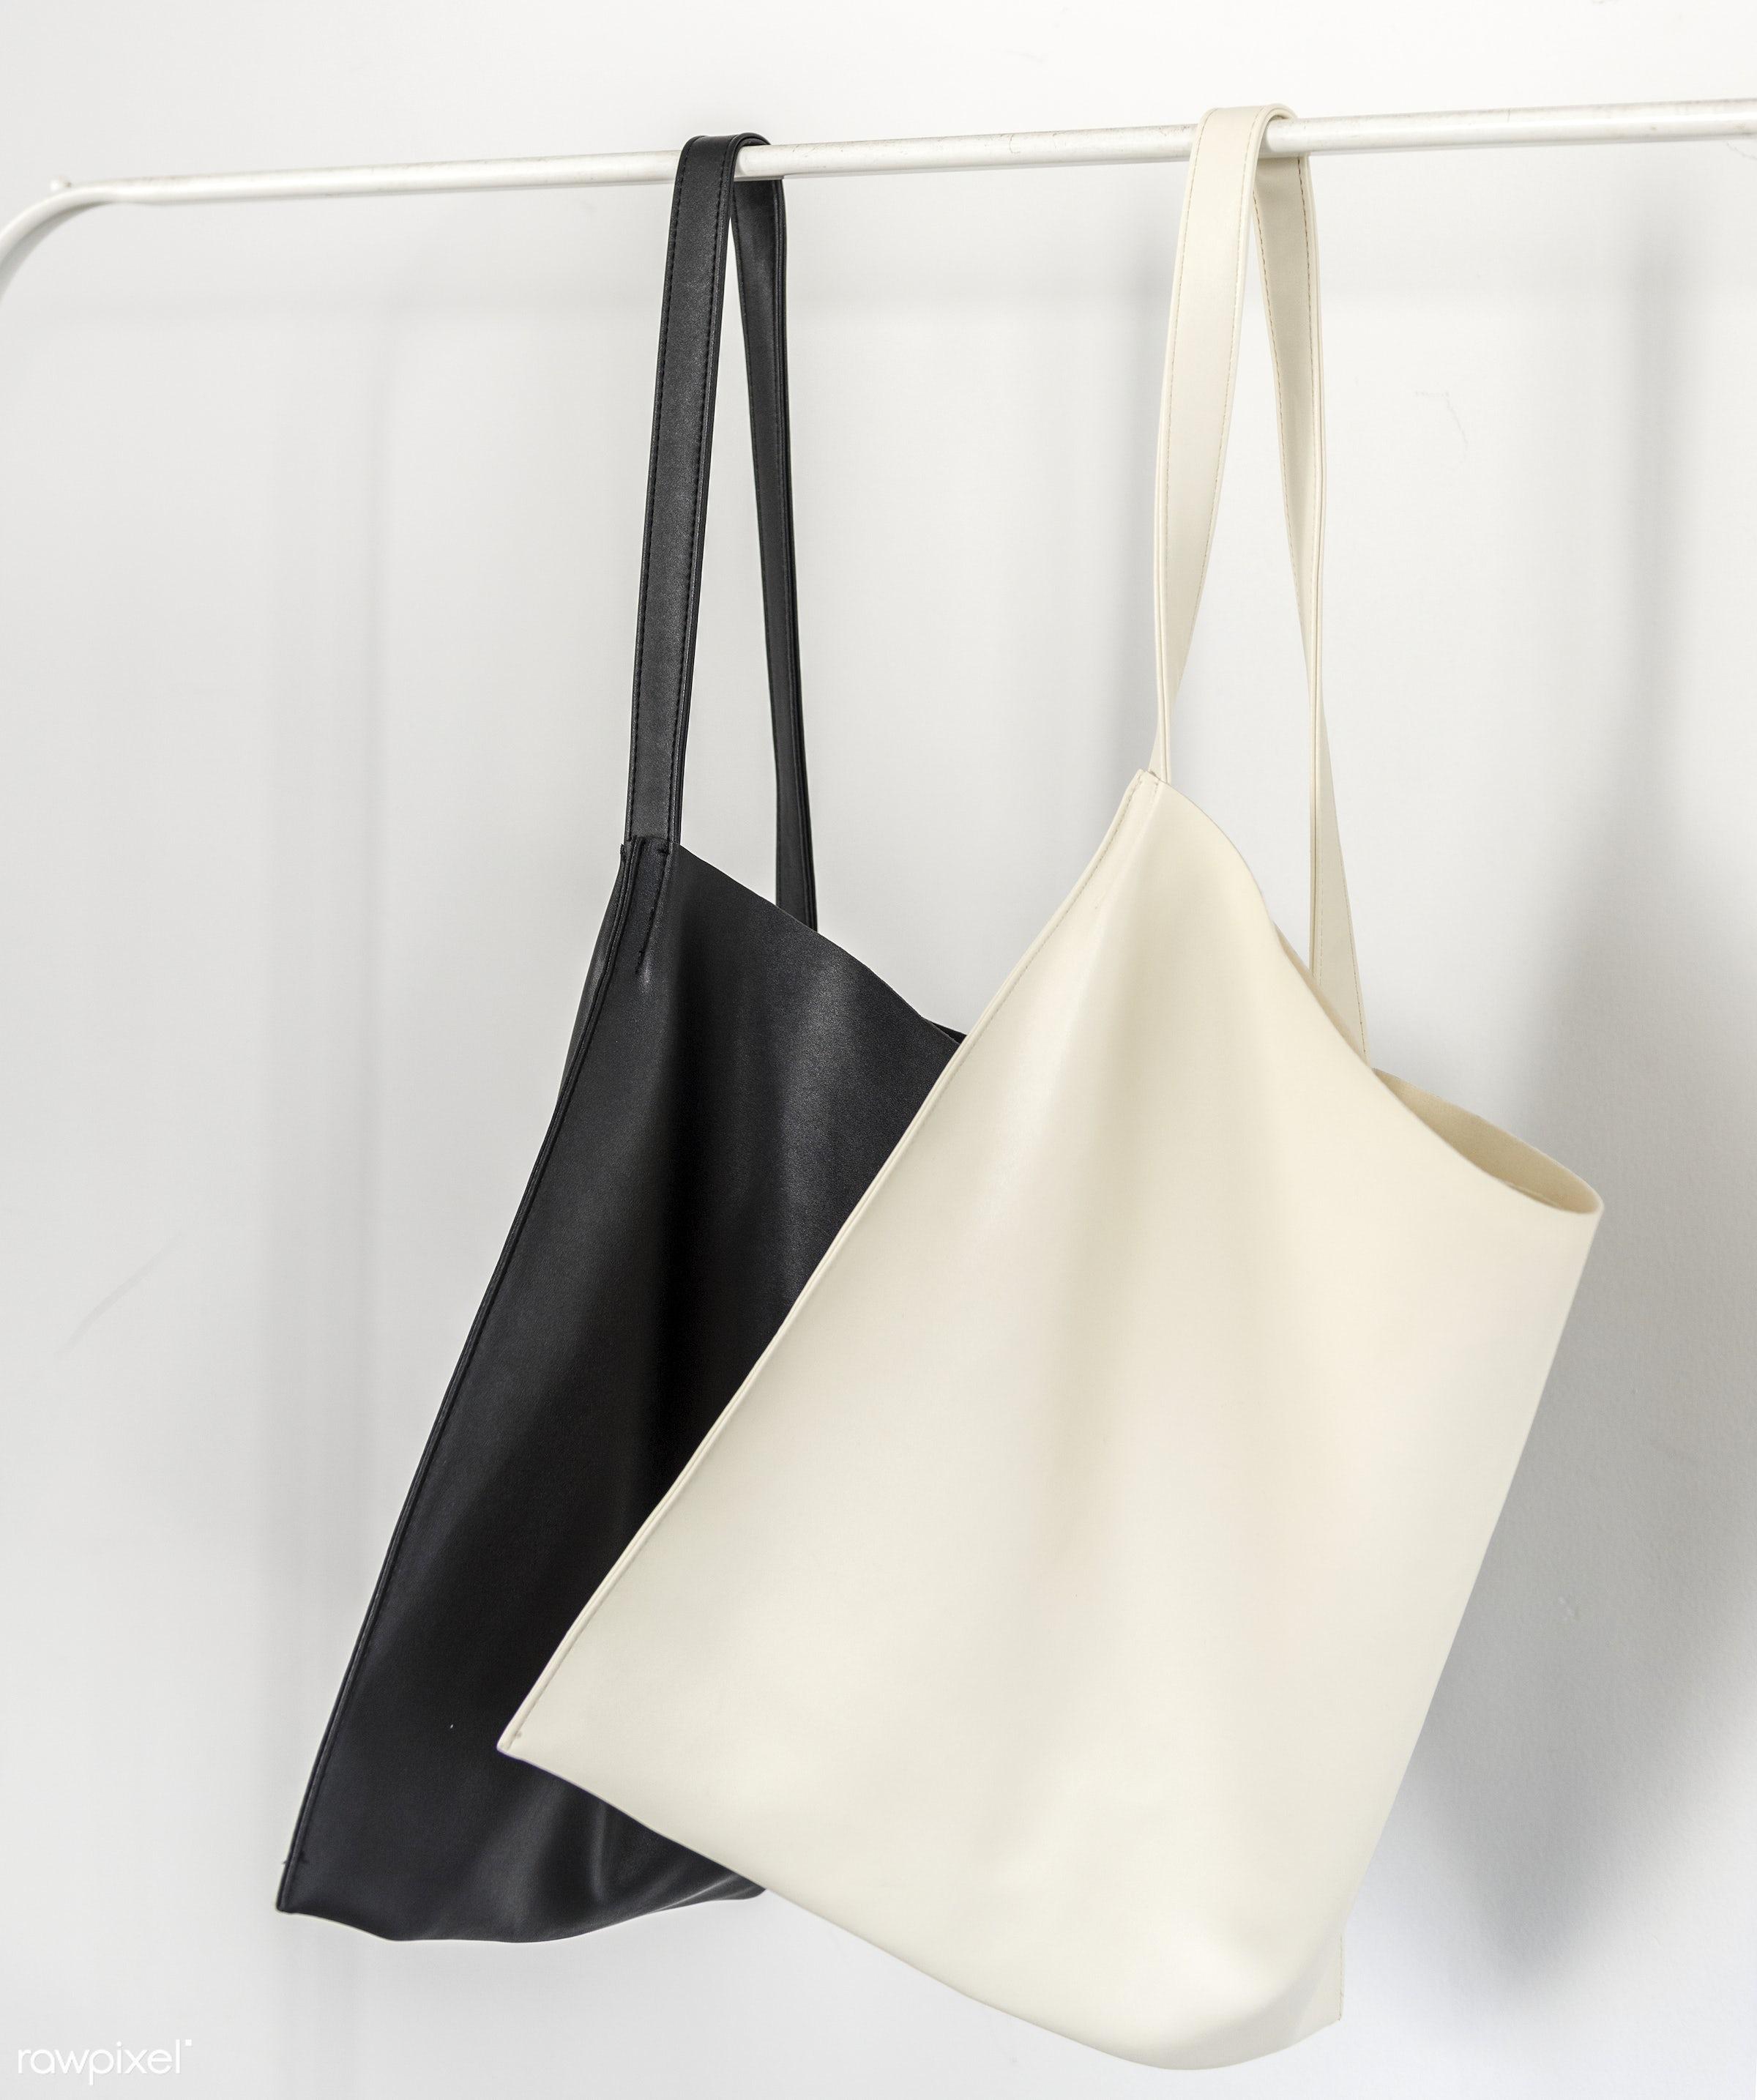 minimalism, accessory, bag, canvas, design, hanging, shopping, stylish, textile, white background